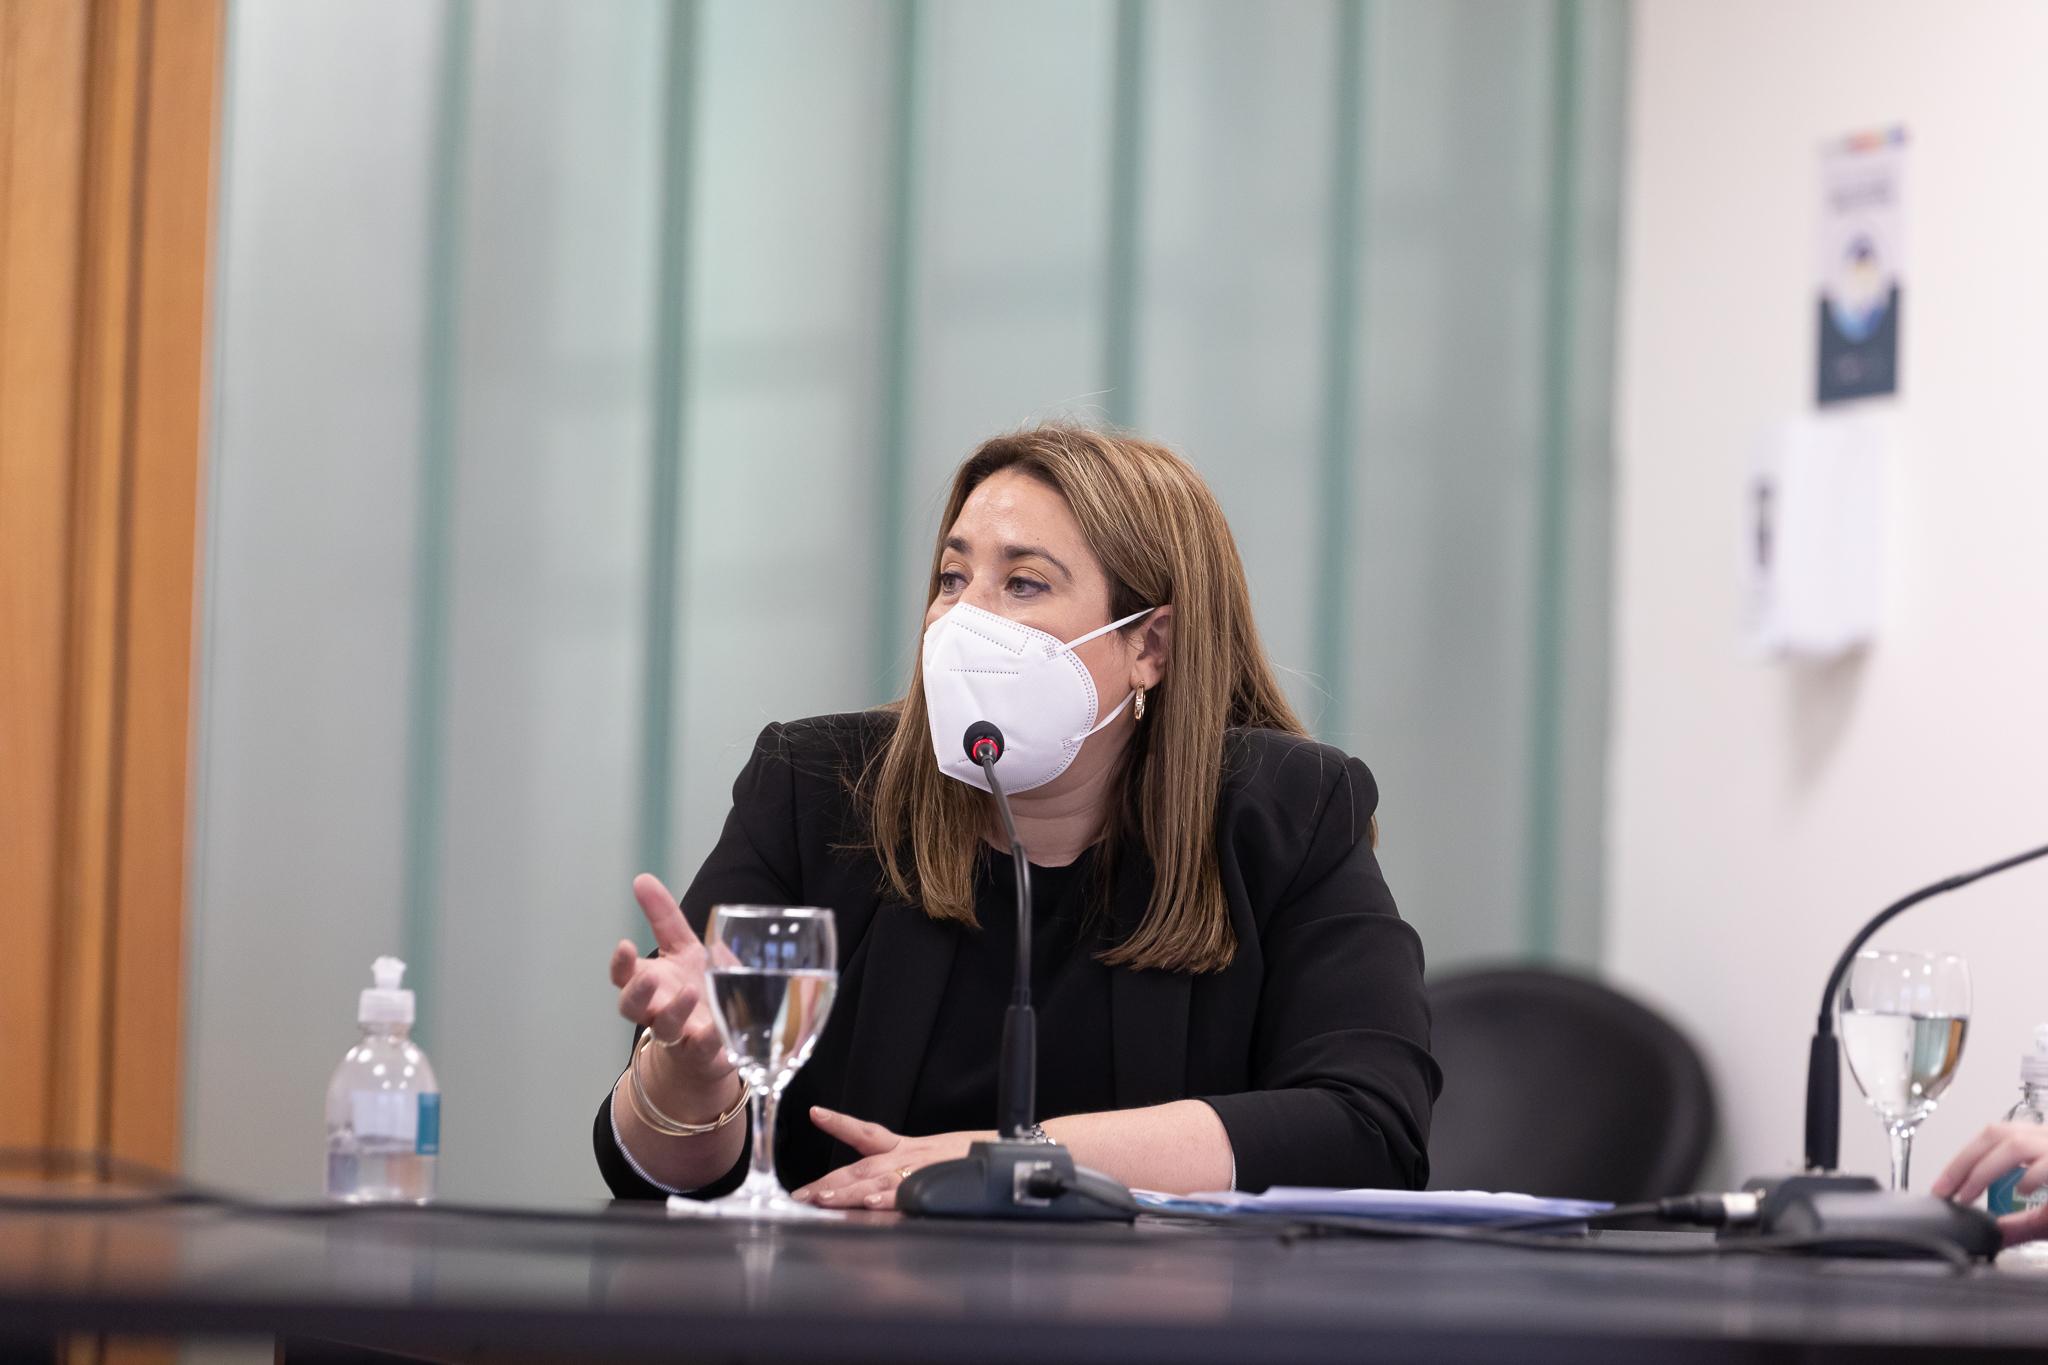 Verónica Soisa, directora de Asuntos Legales Ministerio de Educación